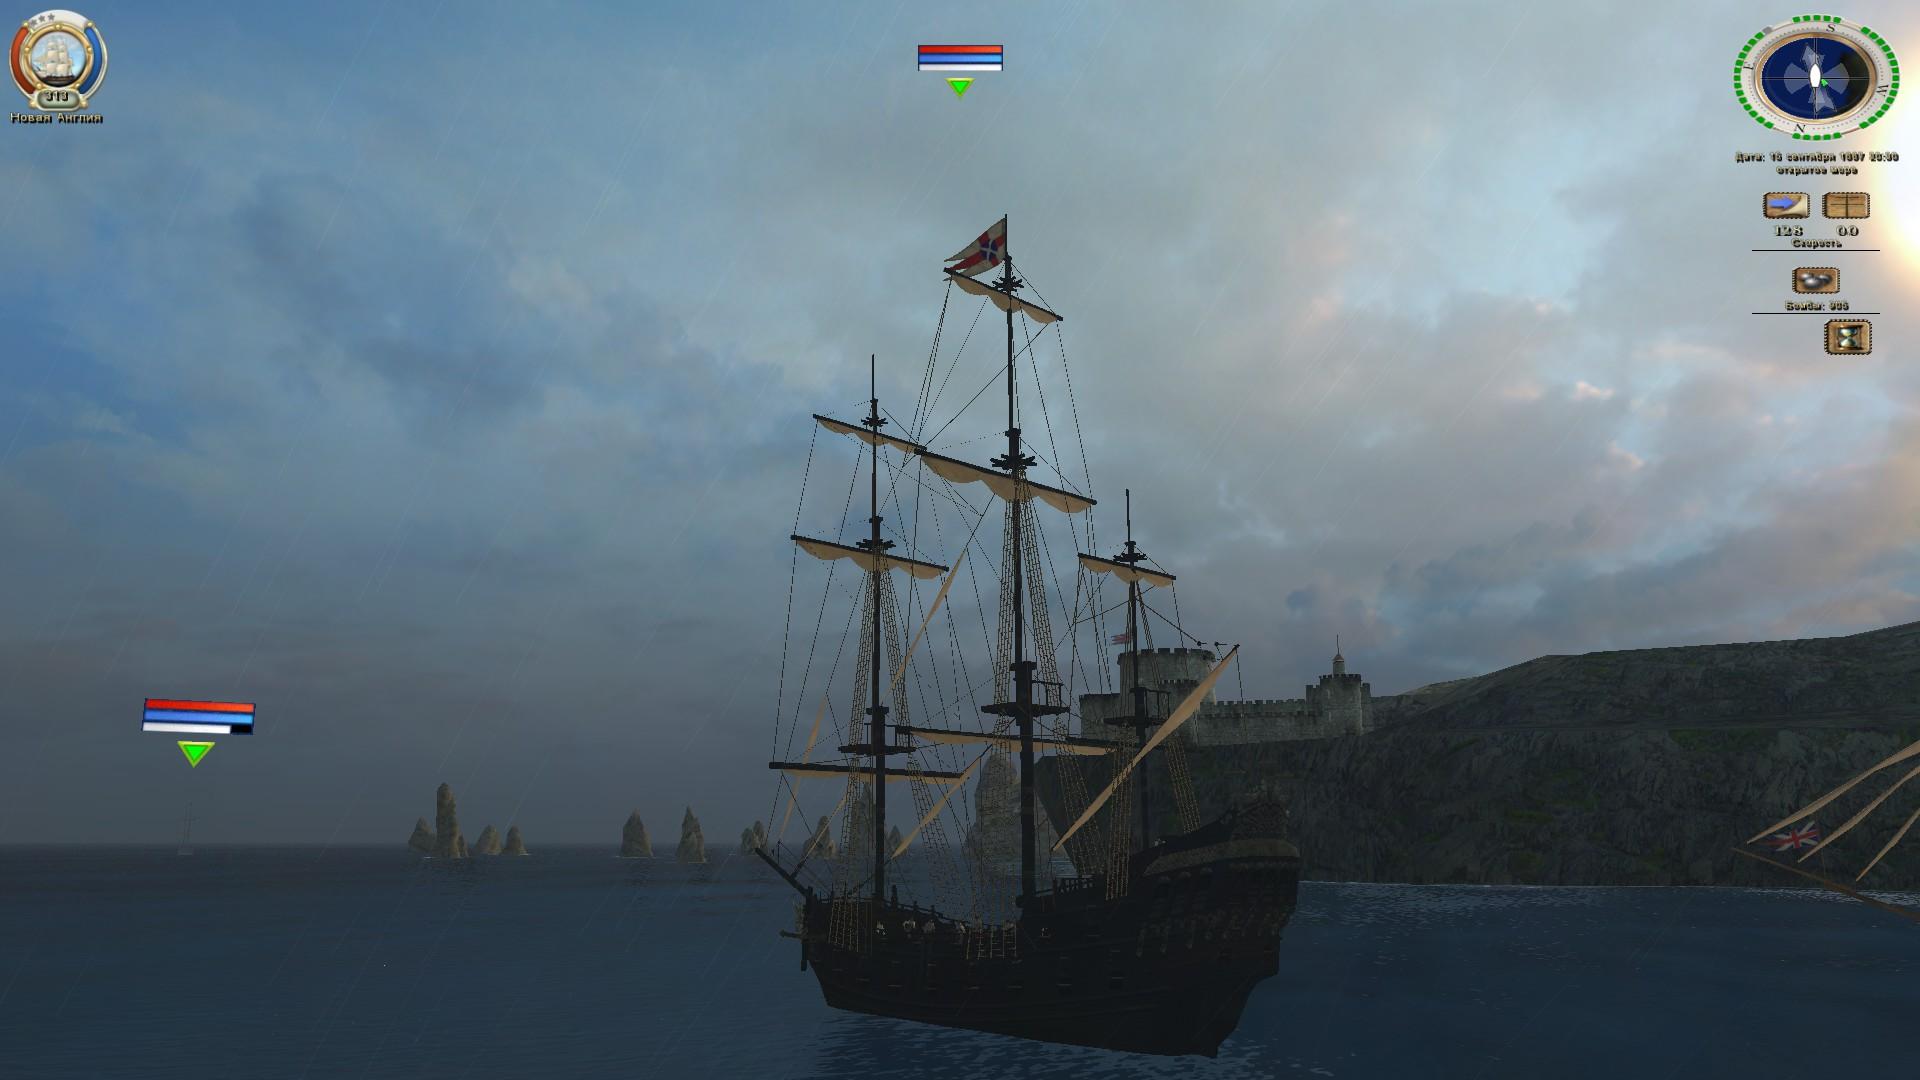 celebrando mi ascenso a almirante 2910